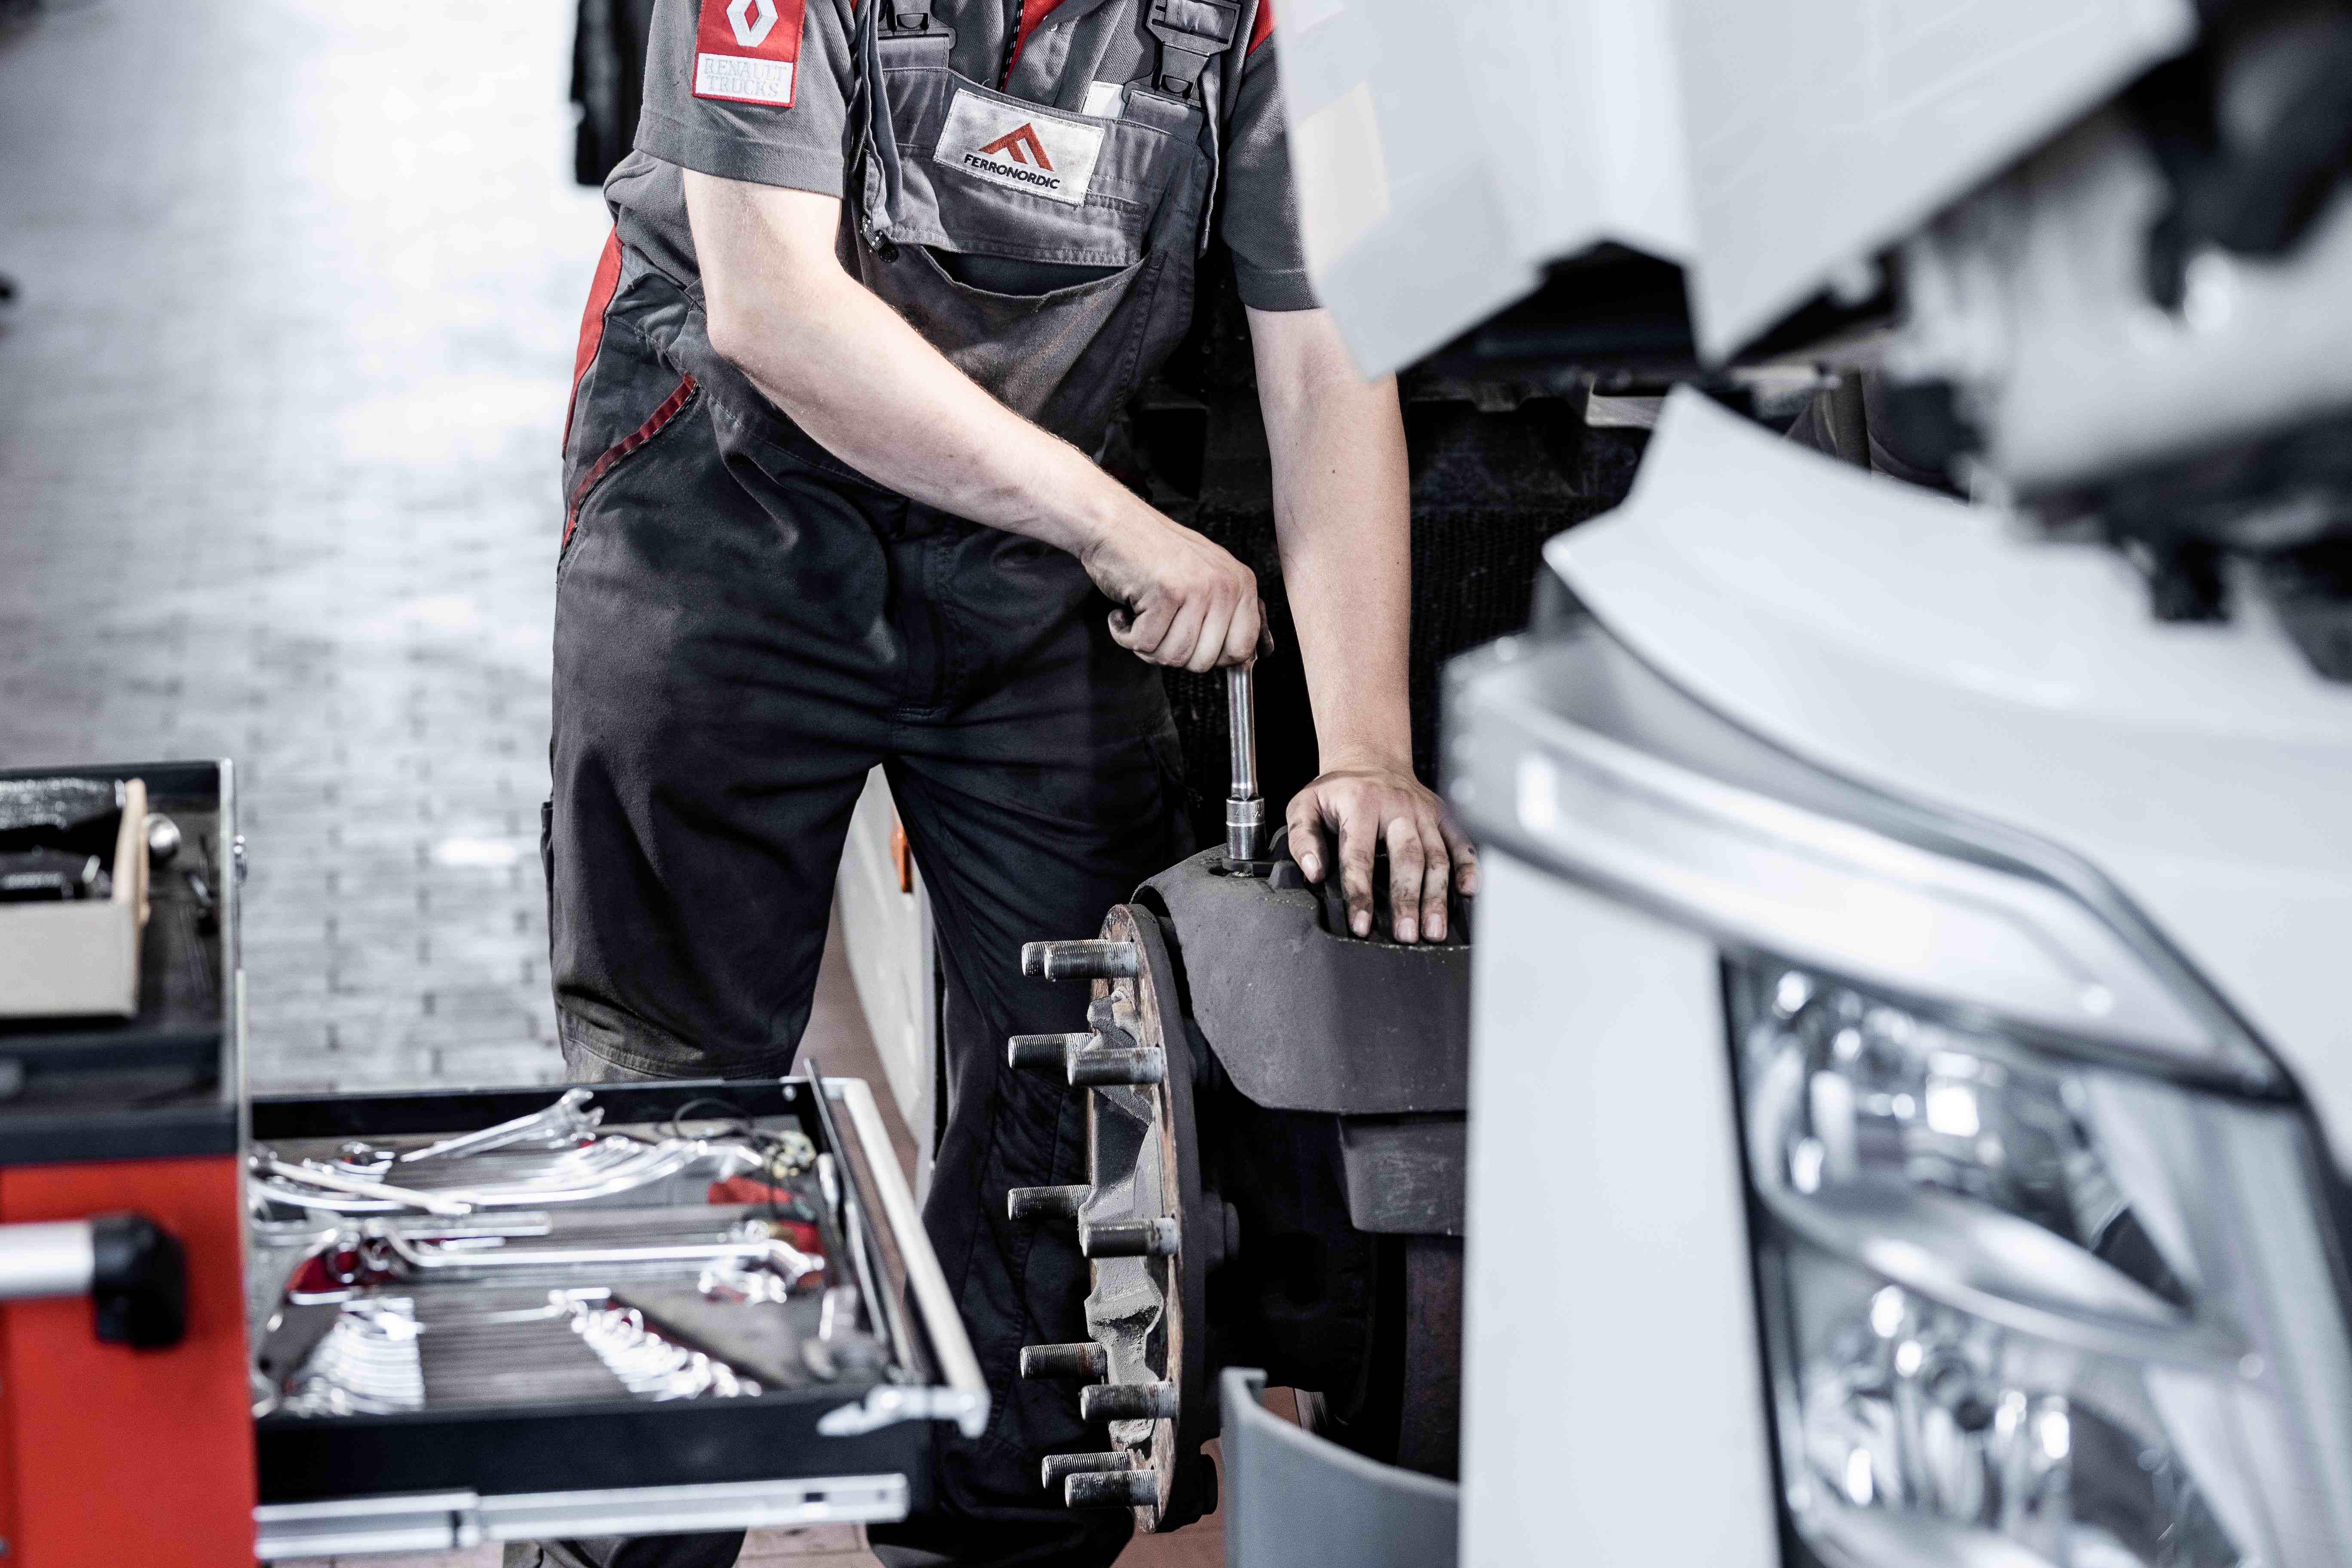 Wir haben unsere gesamte Flotte auf Renaultumgestellt und haben seitdem nicht mehr zurückgeblickt